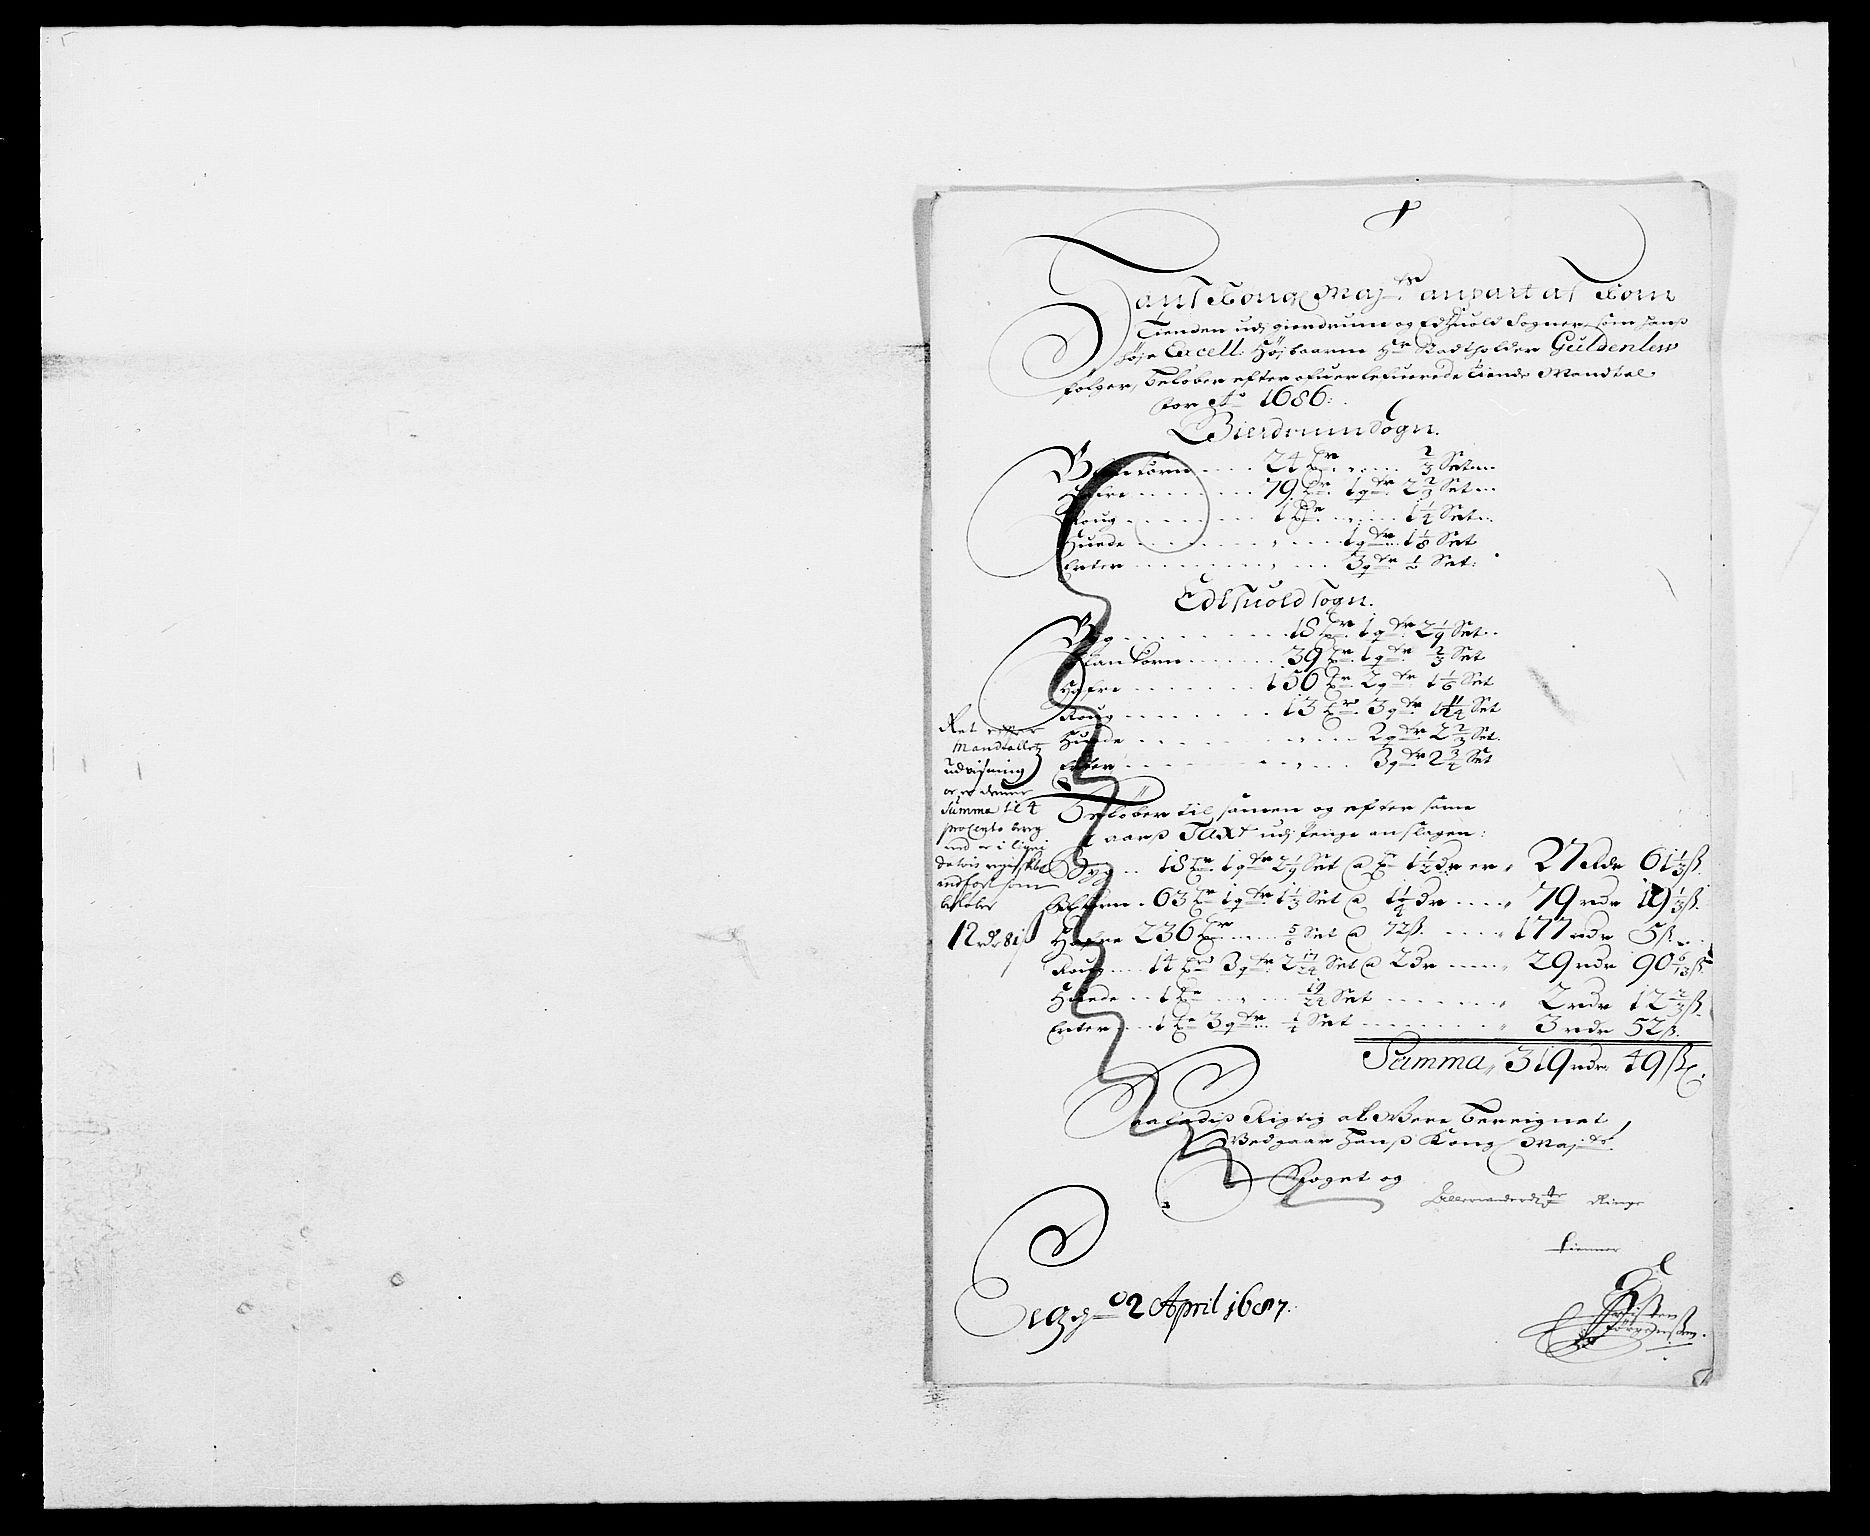 RA, Rentekammeret inntil 1814, Reviderte regnskaper, Fogderegnskap, R12/L0699: Fogderegnskap Øvre Romerike, 1685-1686, s. 202